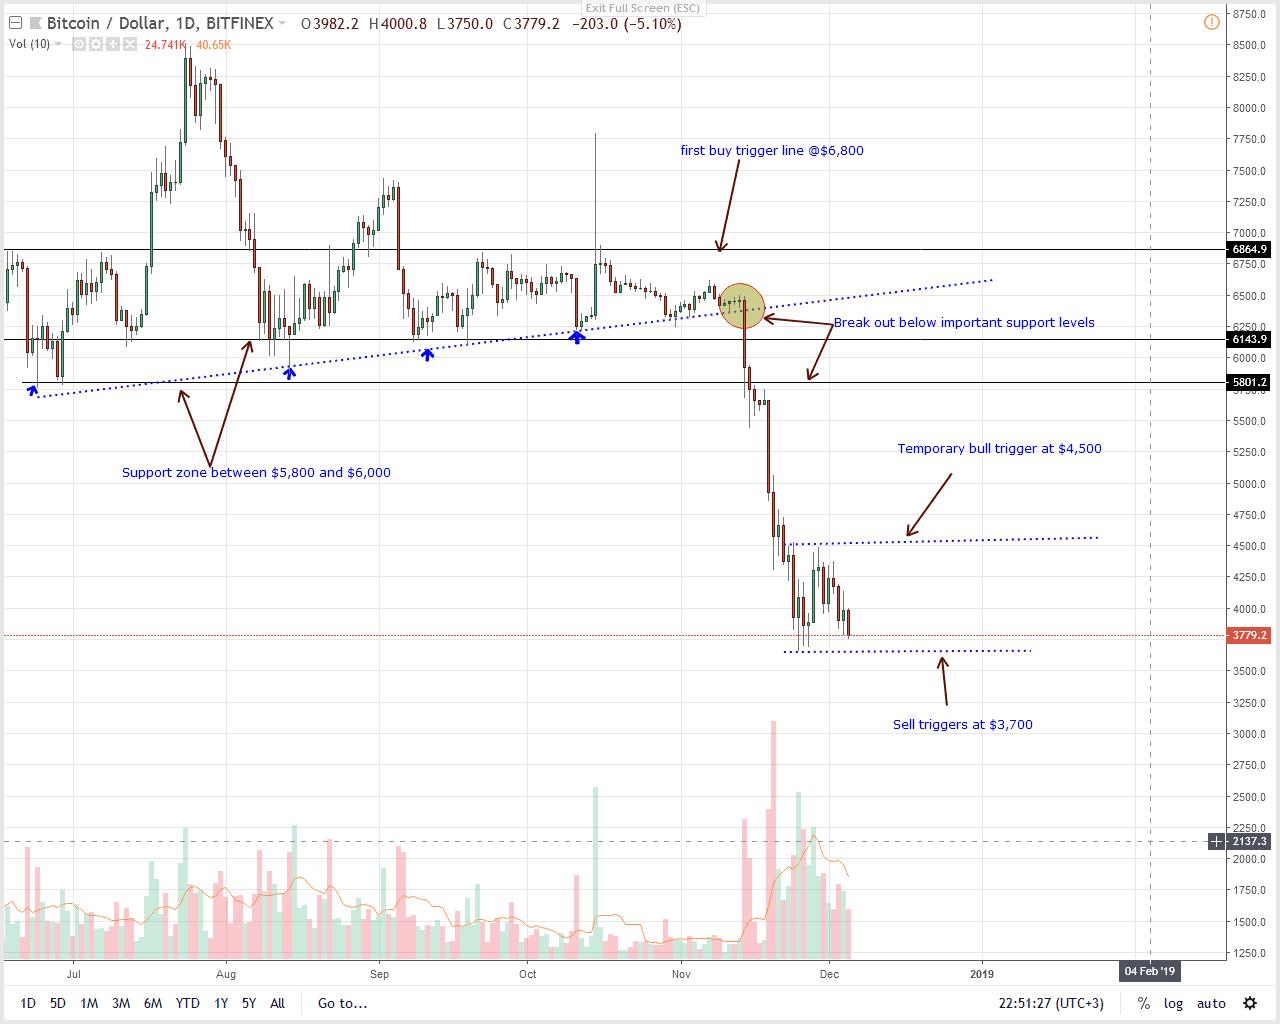 BTC/USD Price Analysis